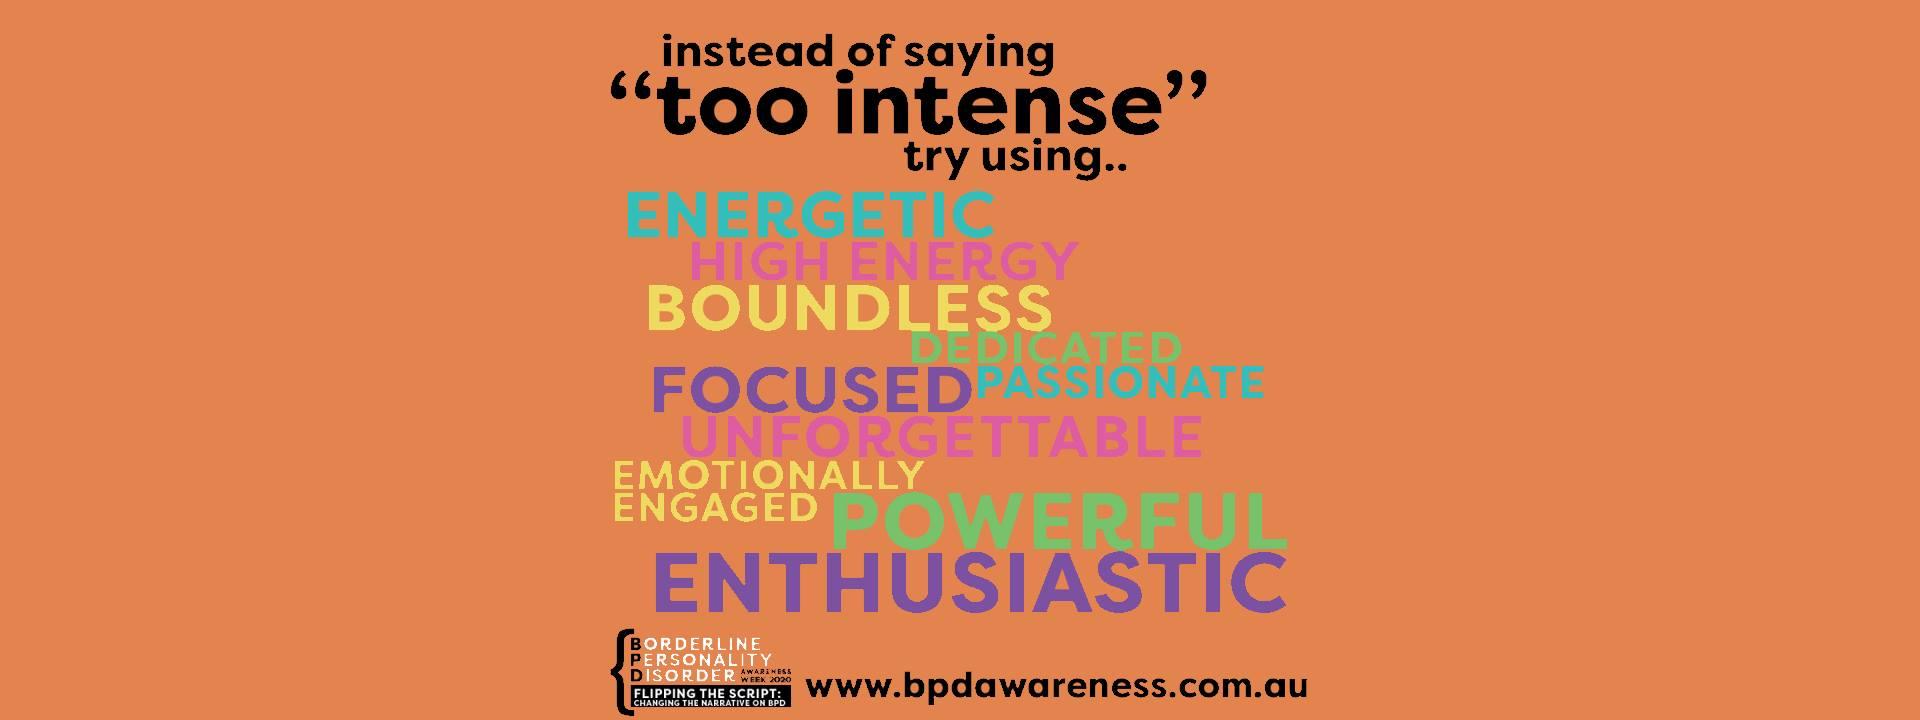 BPD Awareness Week 2020 - Not Intense